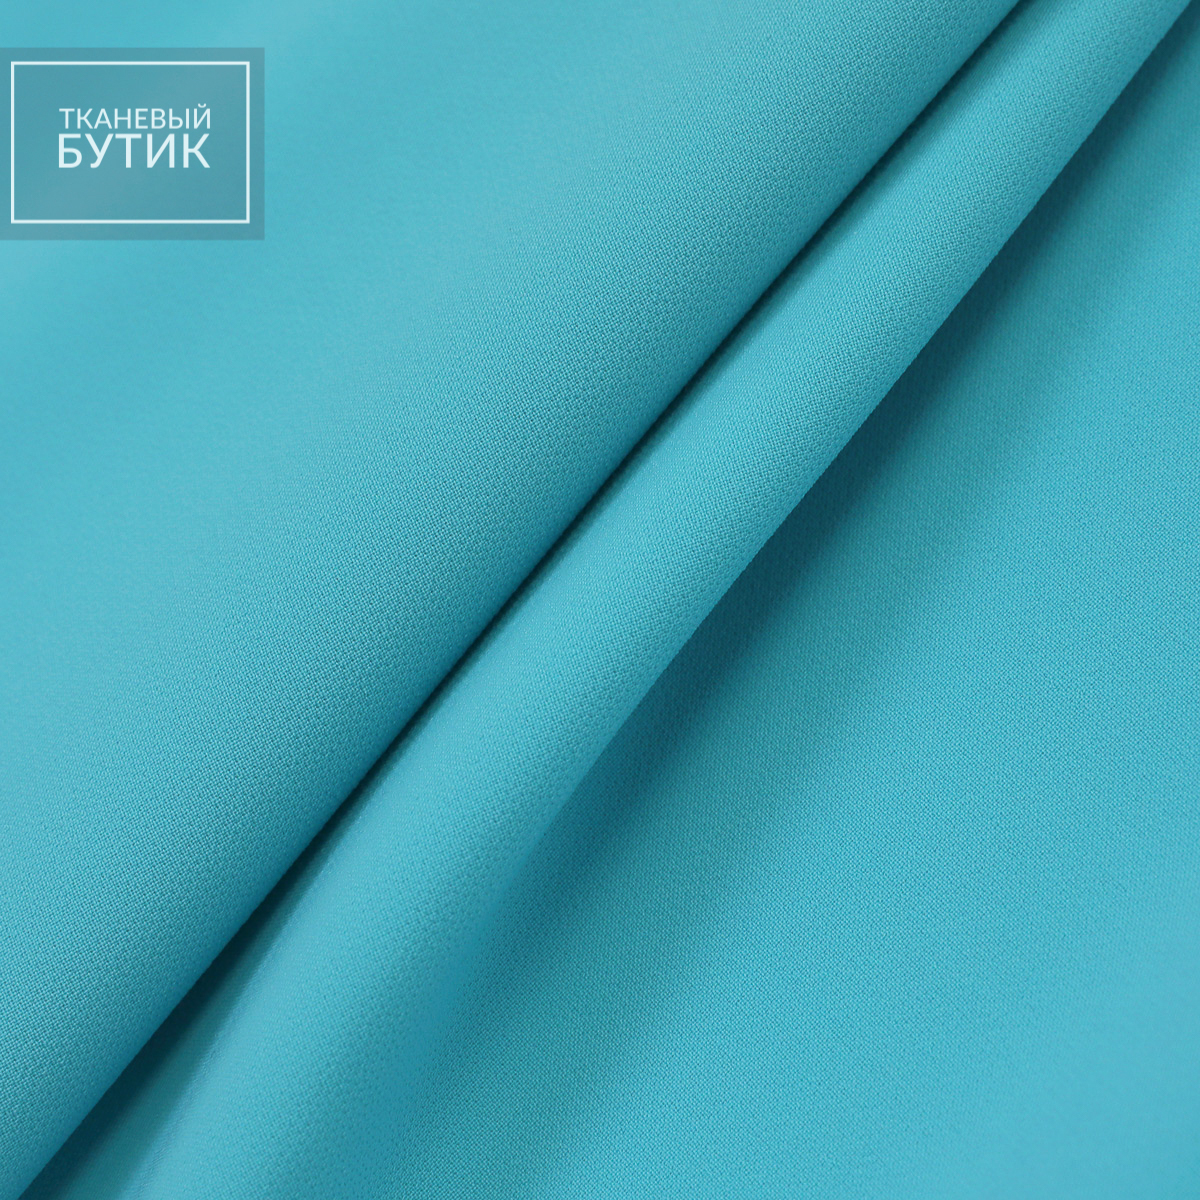 Бирюзовый полиэстеровый креп